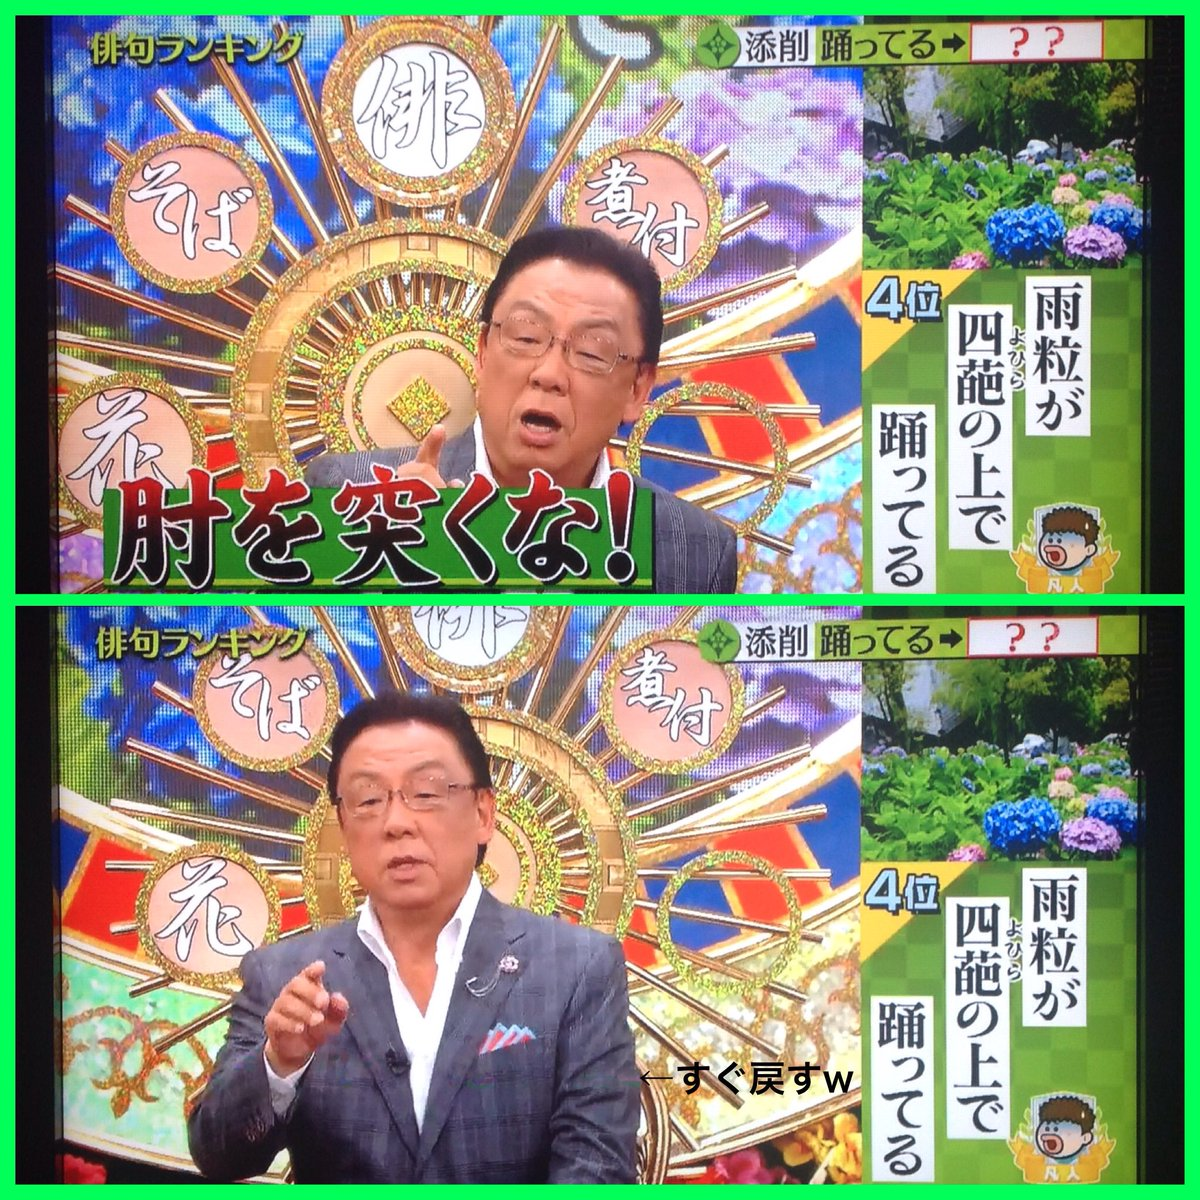 富美男 プレバト 梅沢